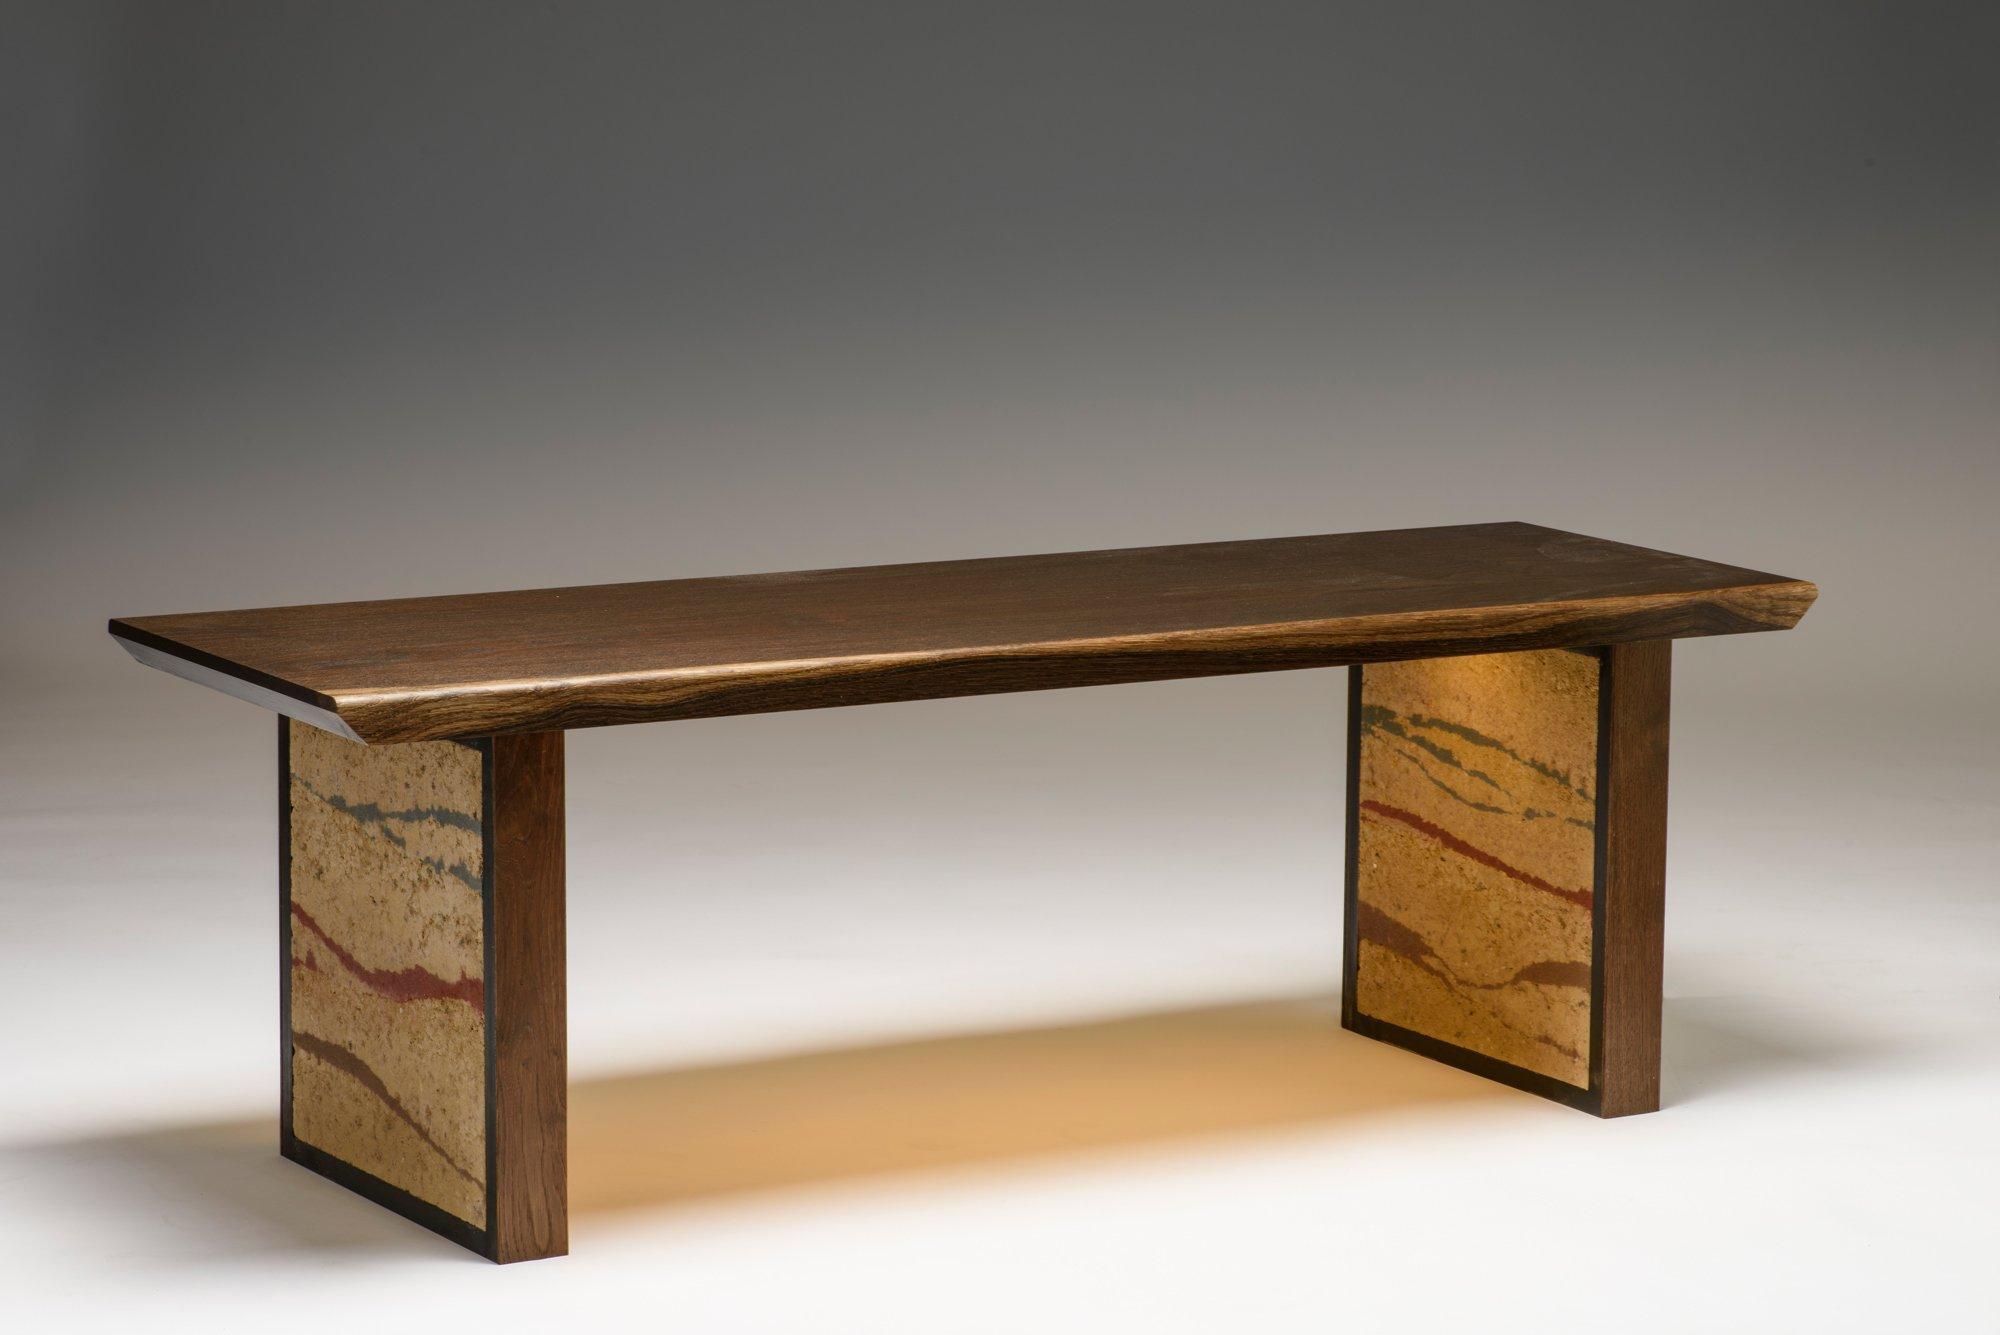 Sitzbank in geräucherter Eiche. Möbelstück mit Teilen aus Lehm.